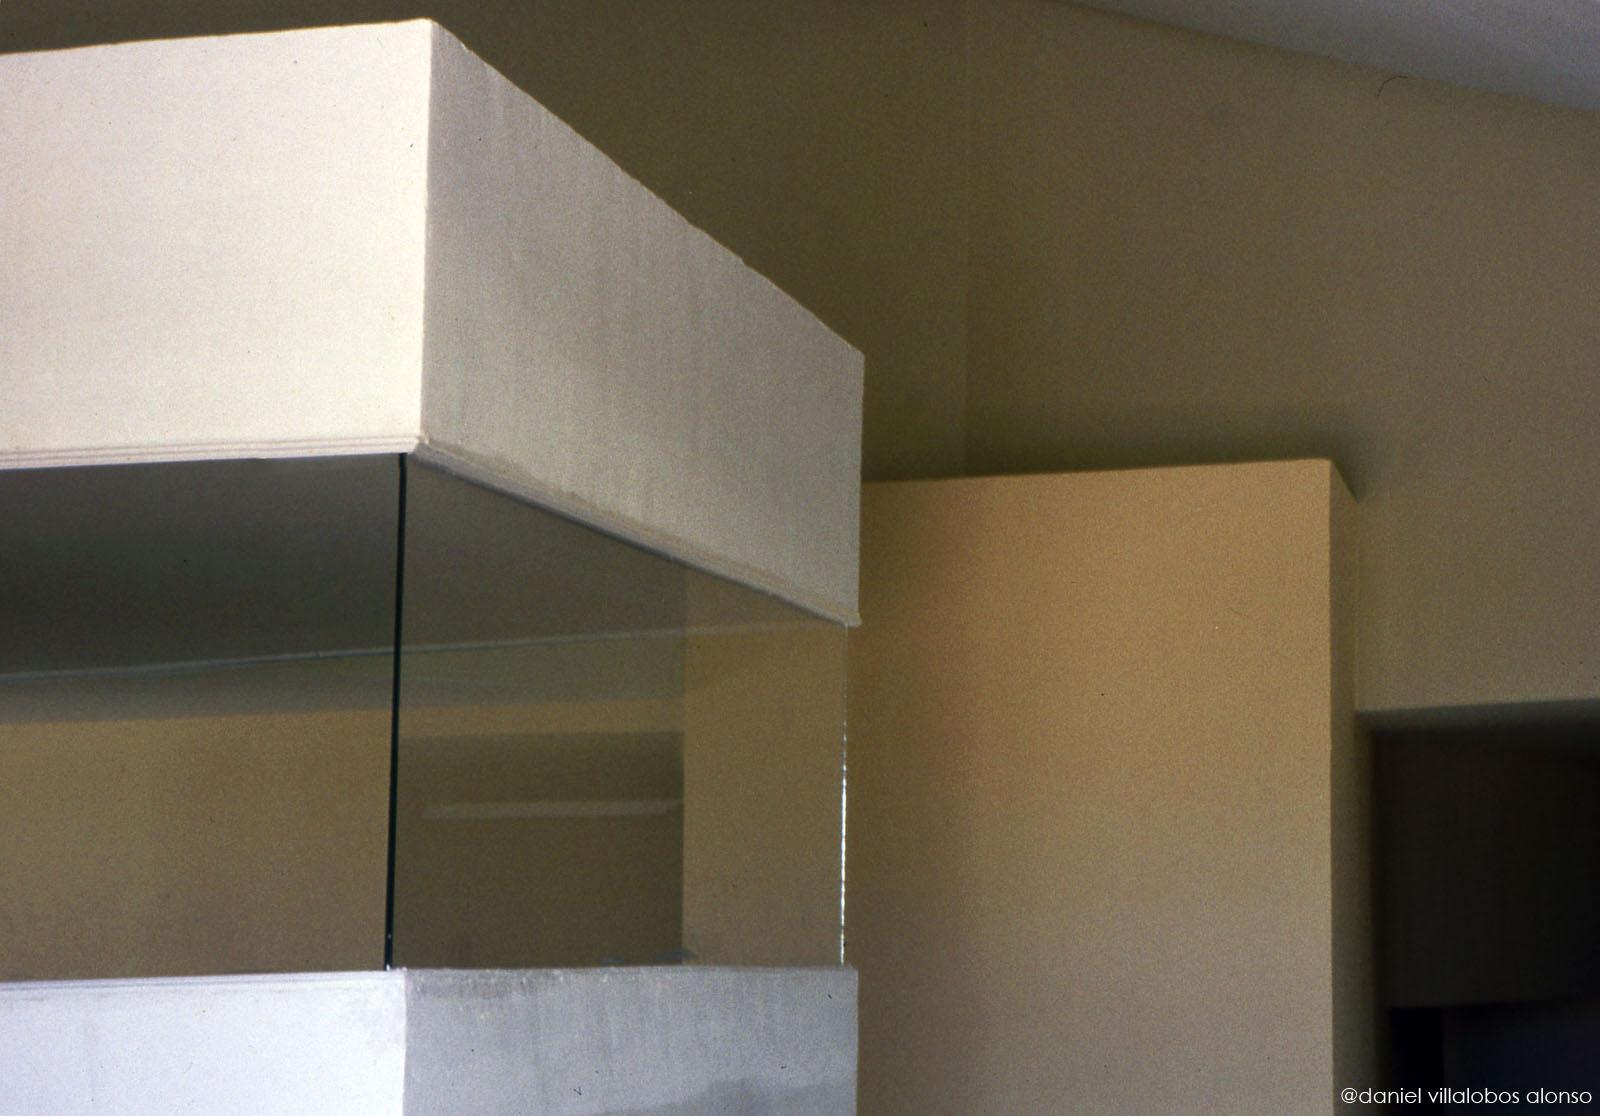 danielvillalobos-spanish-architecturexxthcentury-stonearchitecture-spanisharchitecturemodern-14